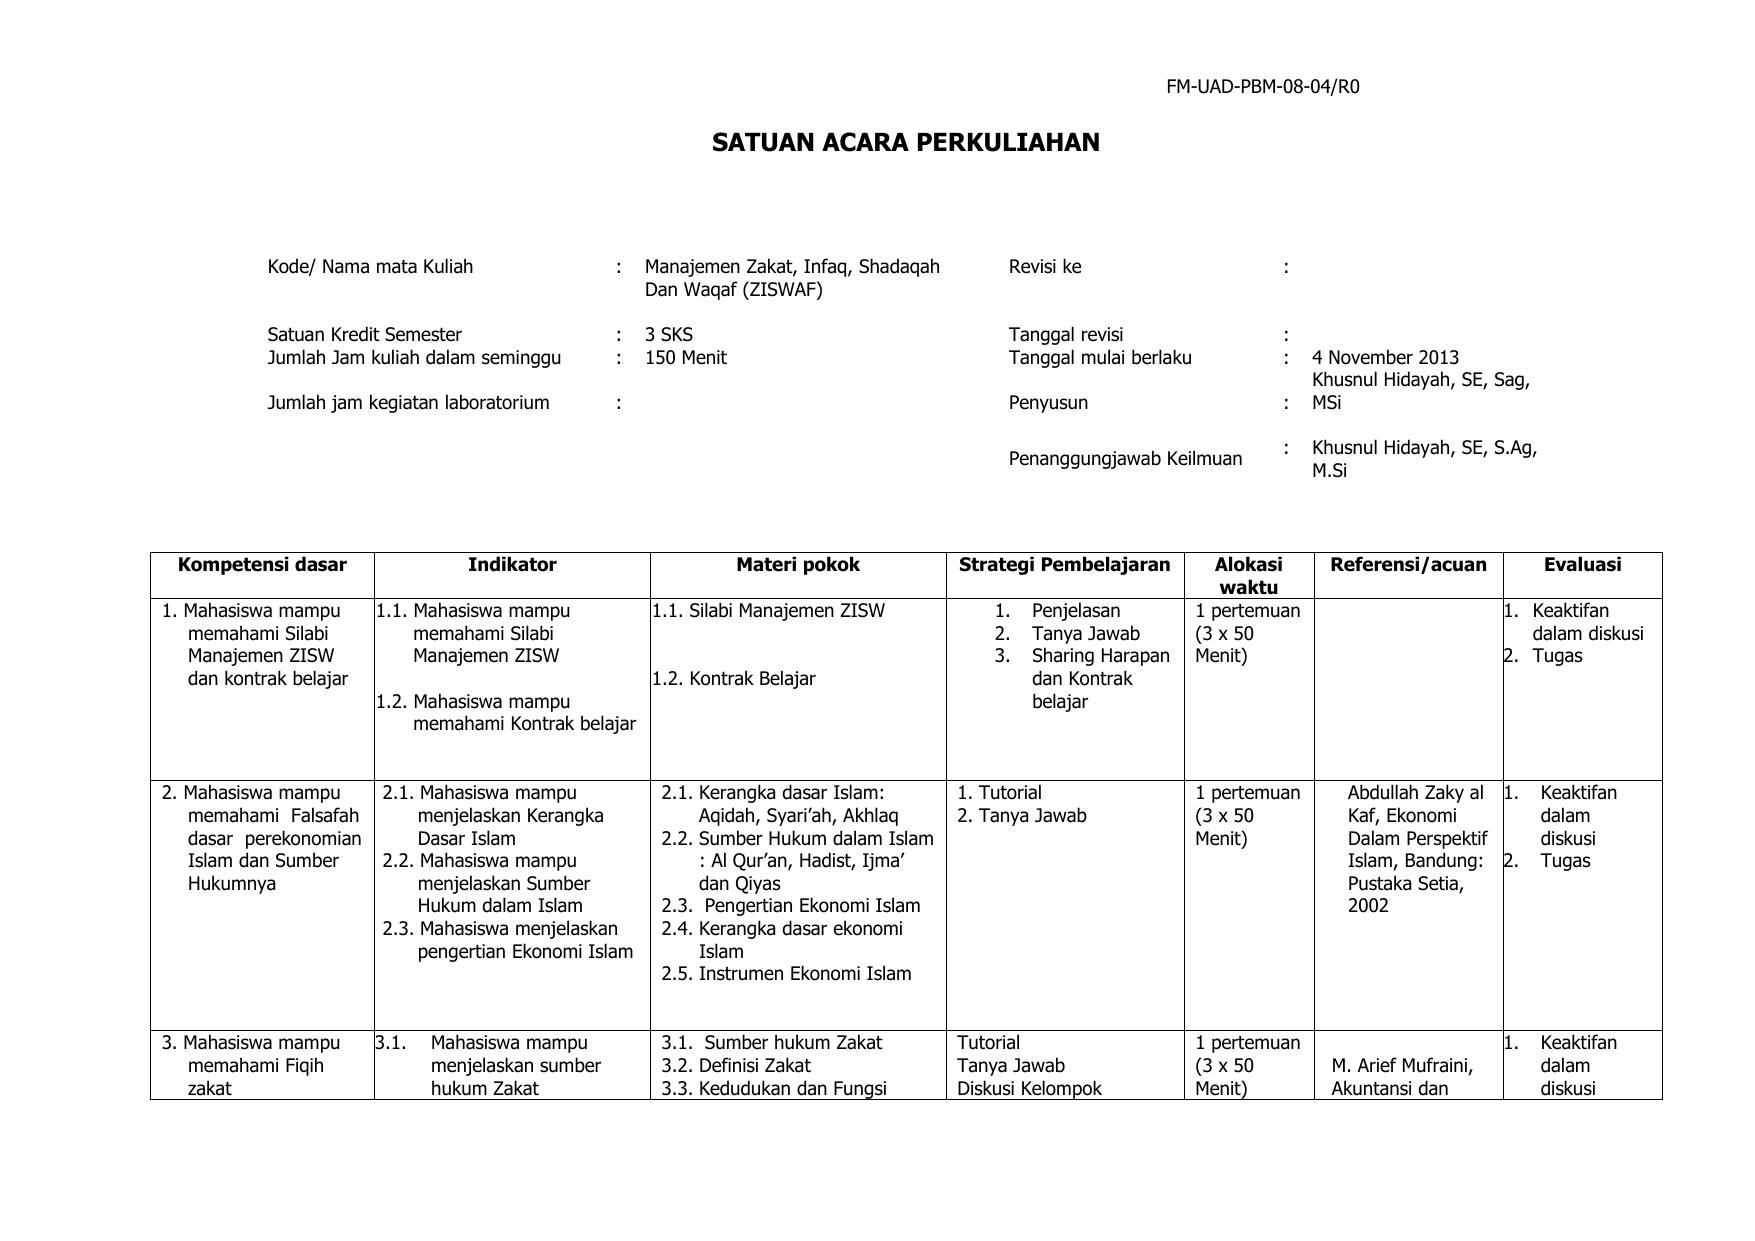 Tabel Perbedaan Zakat Infak Sedekah Dan Wakaf - Berbagai ...